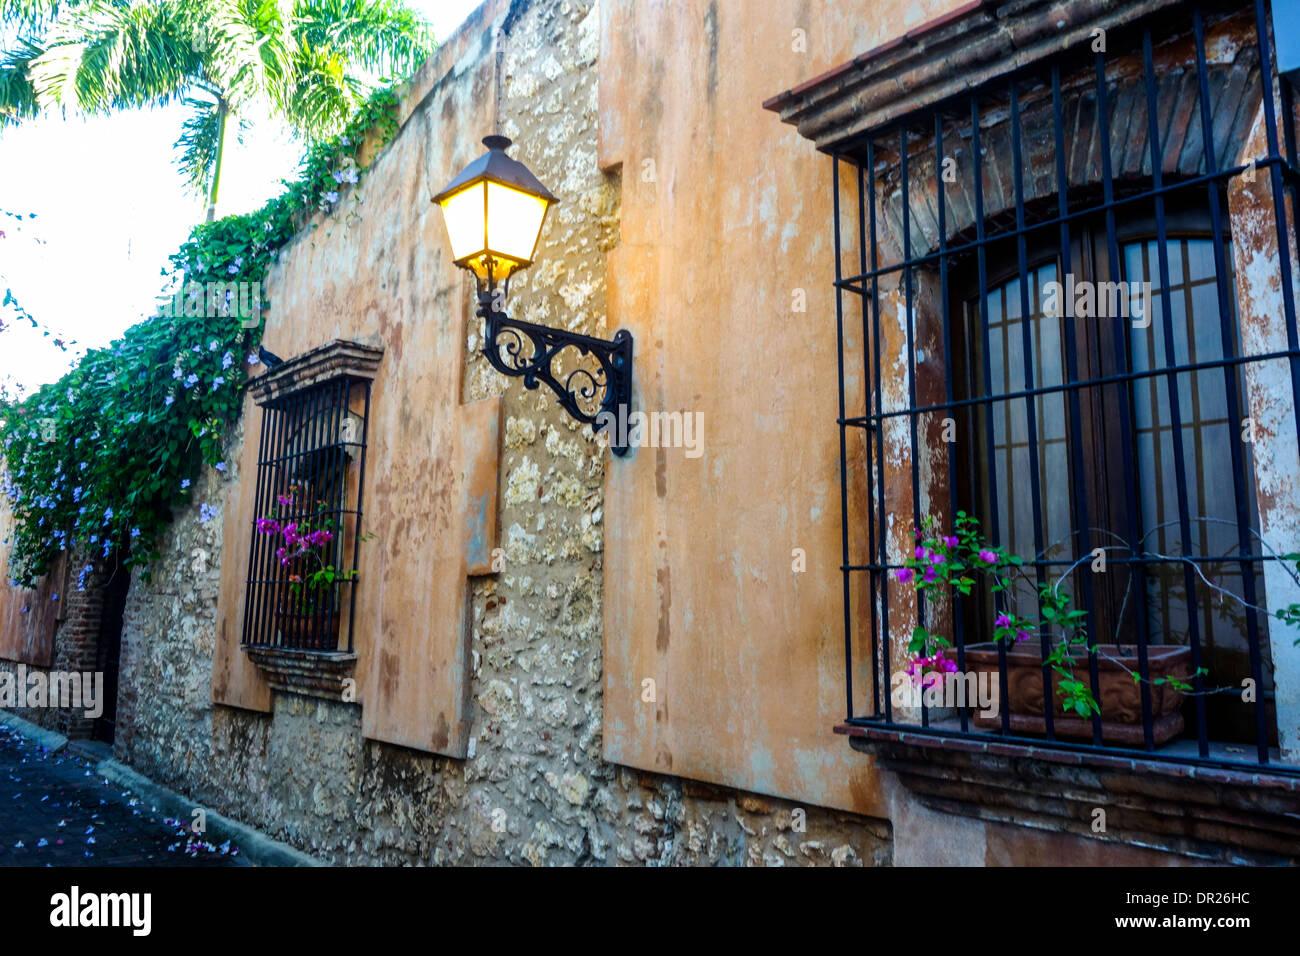 alte Straße in der Zona Colonial; Santo Domingo; Dominikanische Republik Stockbild